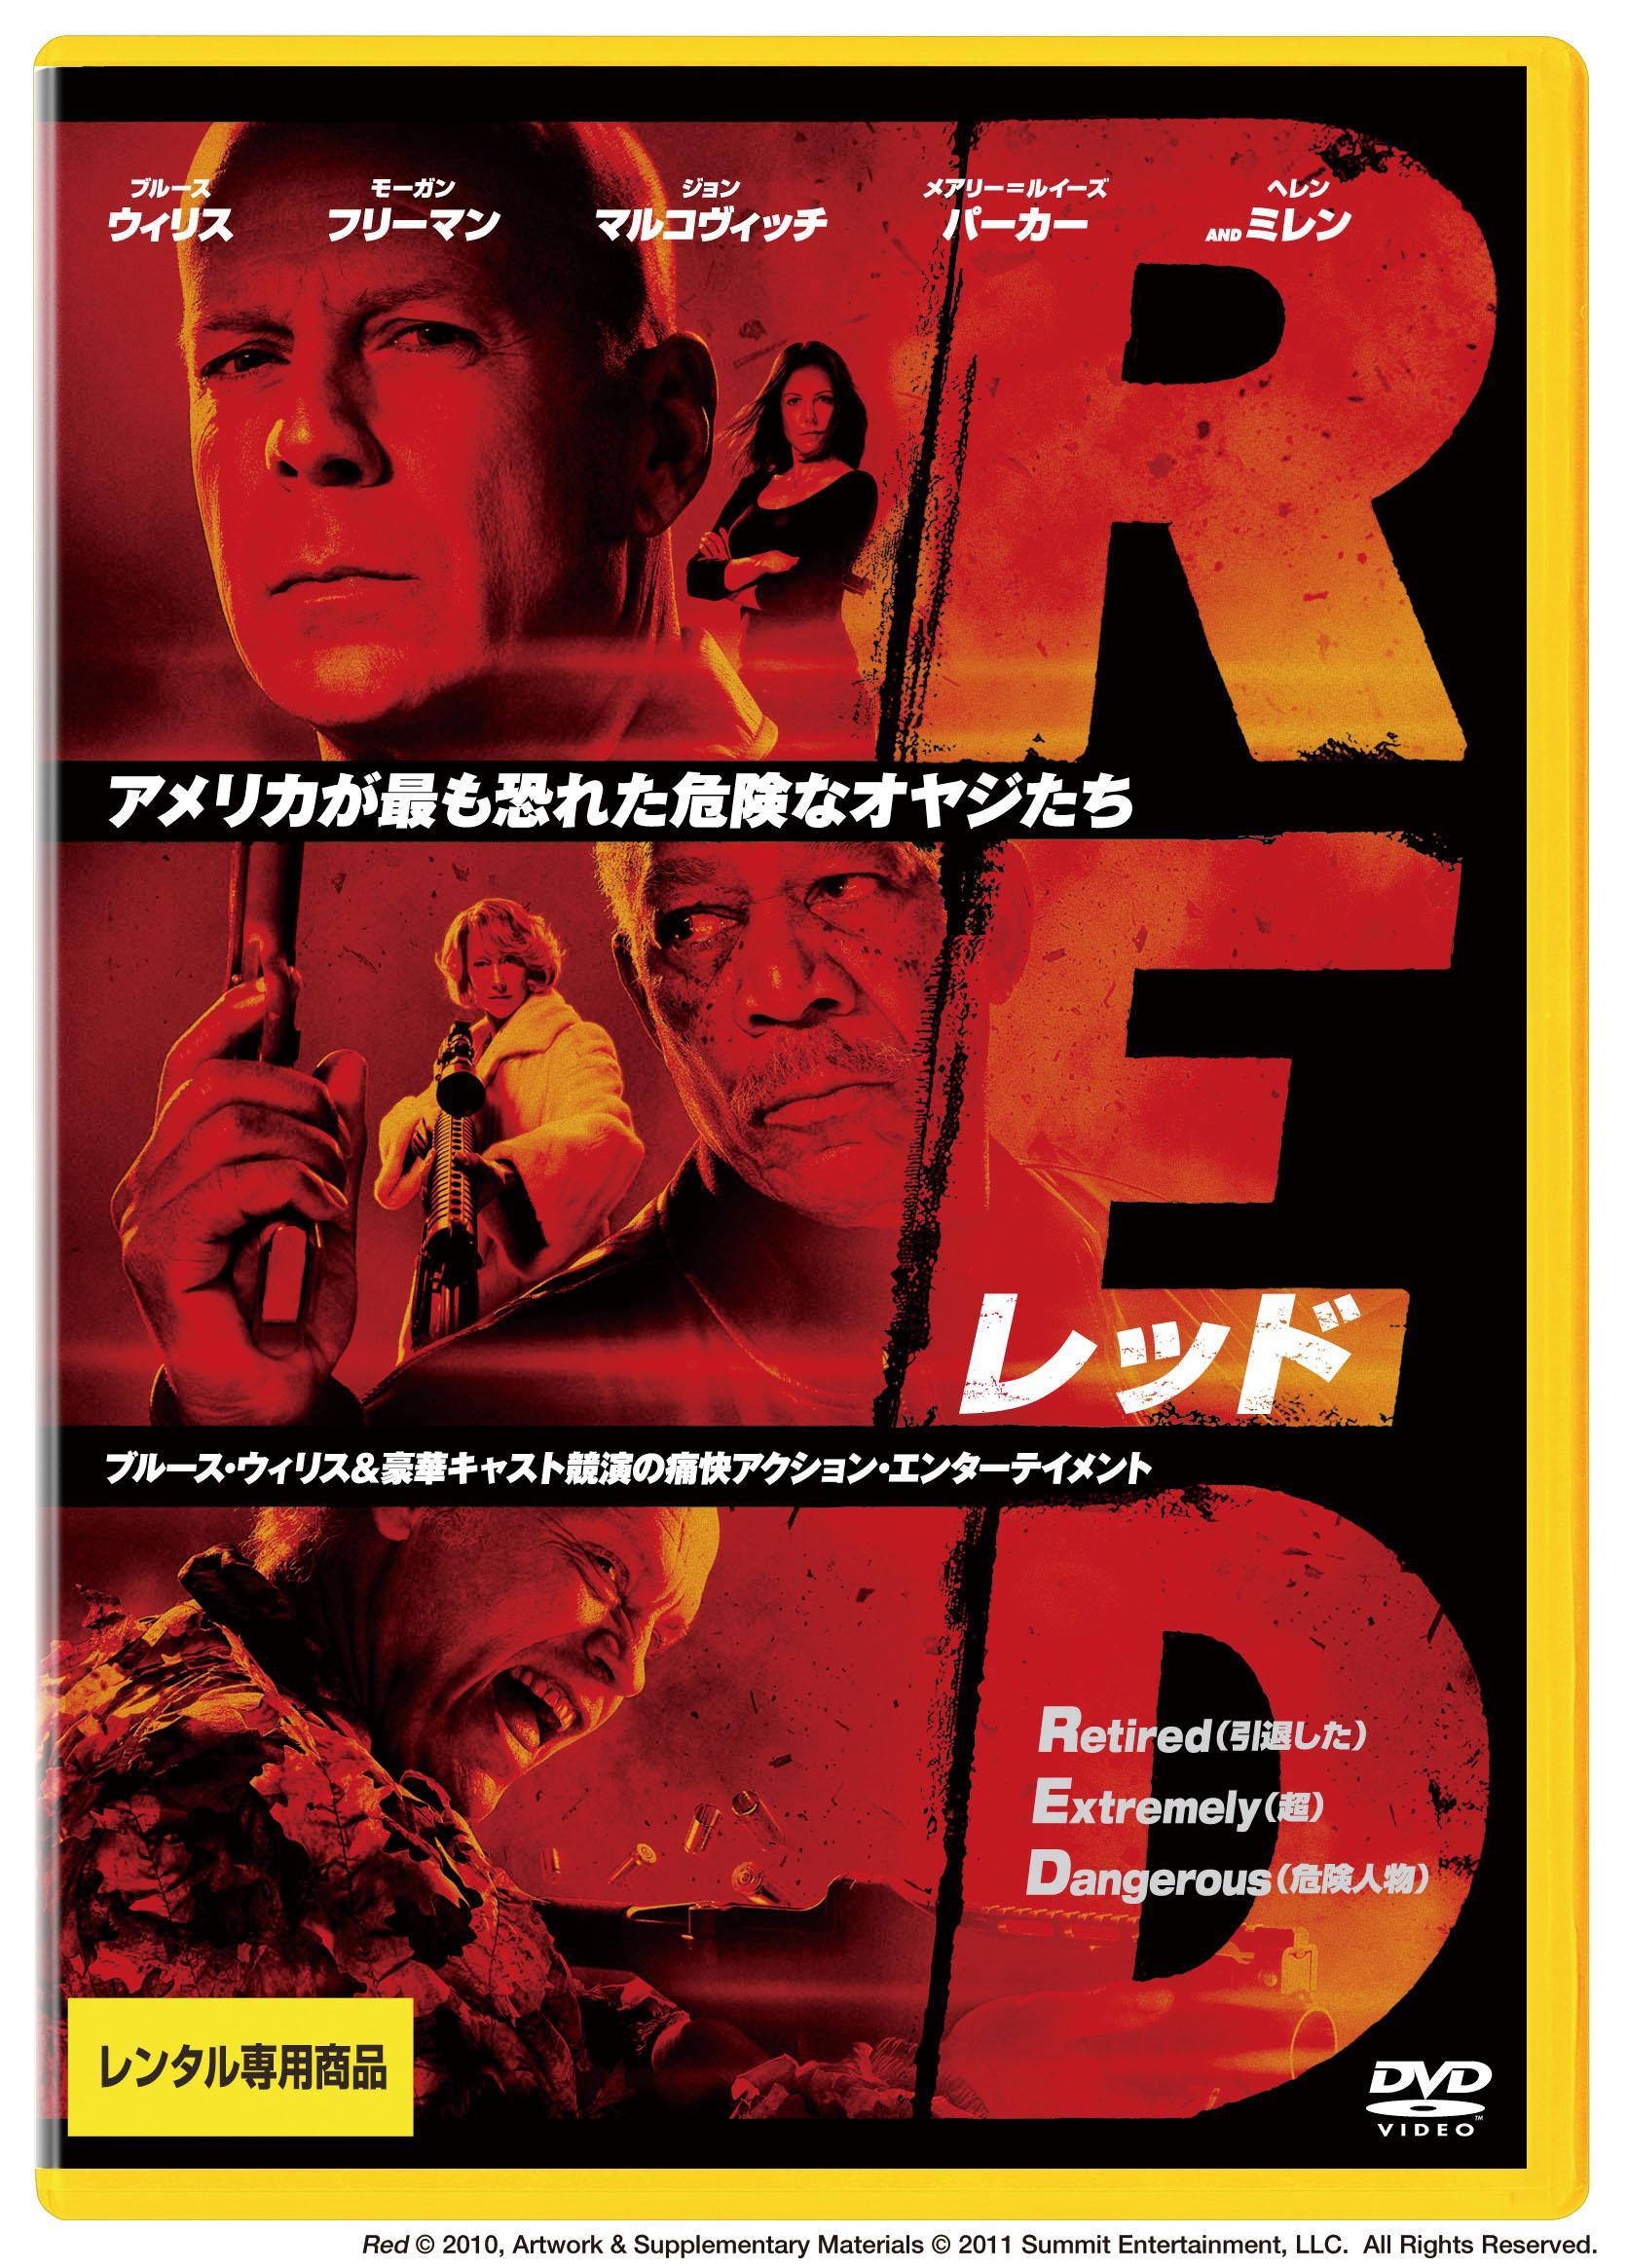 REDレッドの動画をフル視聴できる配信サービス14社比較!